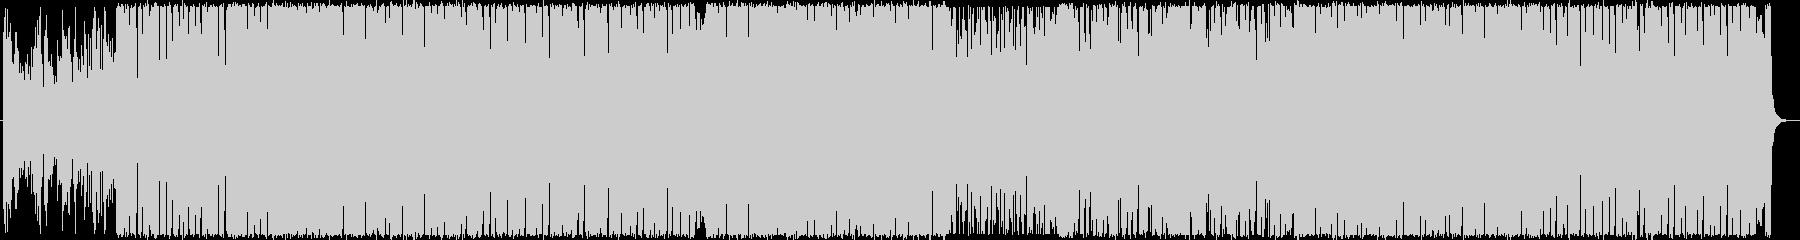 ピアノとバイオリンの近代的ブレイクビーツの未再生の波形